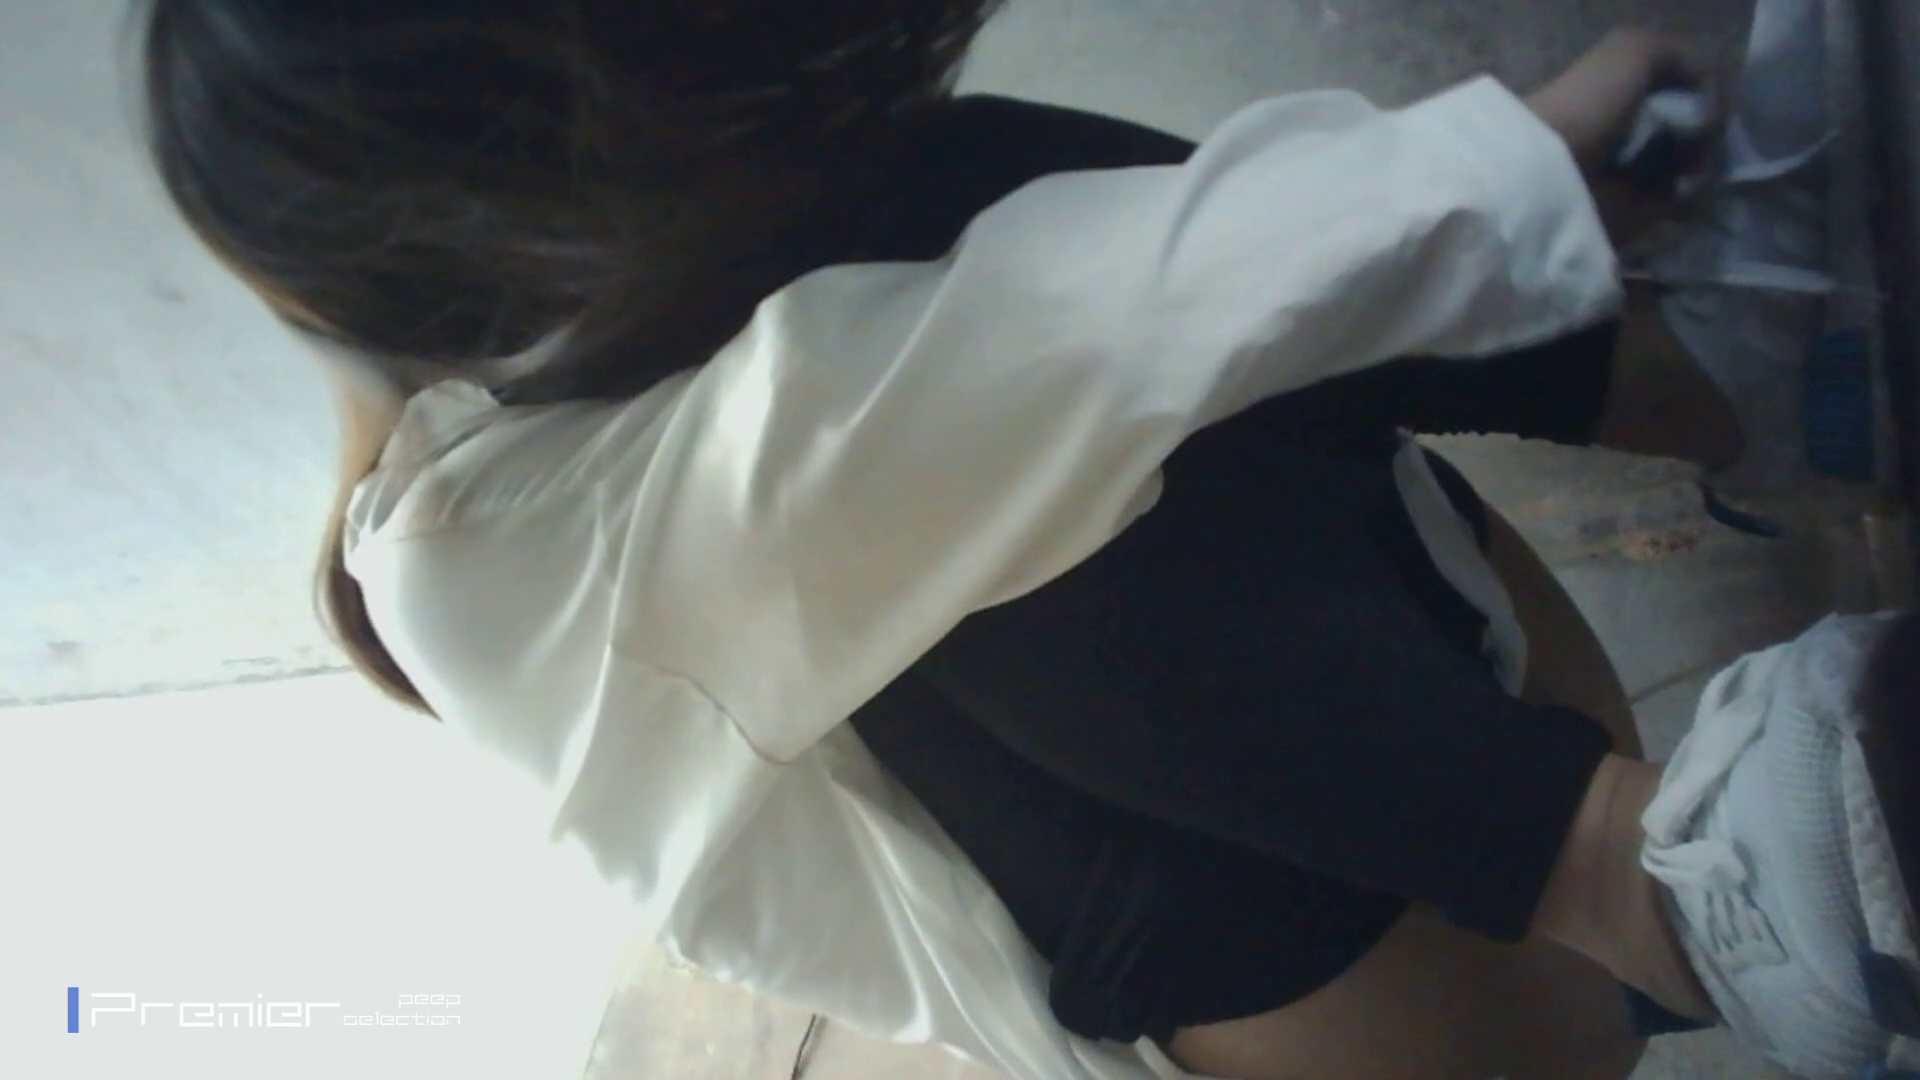 おとなしそうな女の子 トイレシーンを密着盗撮!! 美女の痴態に密着!Vol.24 チラ オマンコ無修正動画無料 100pic 45